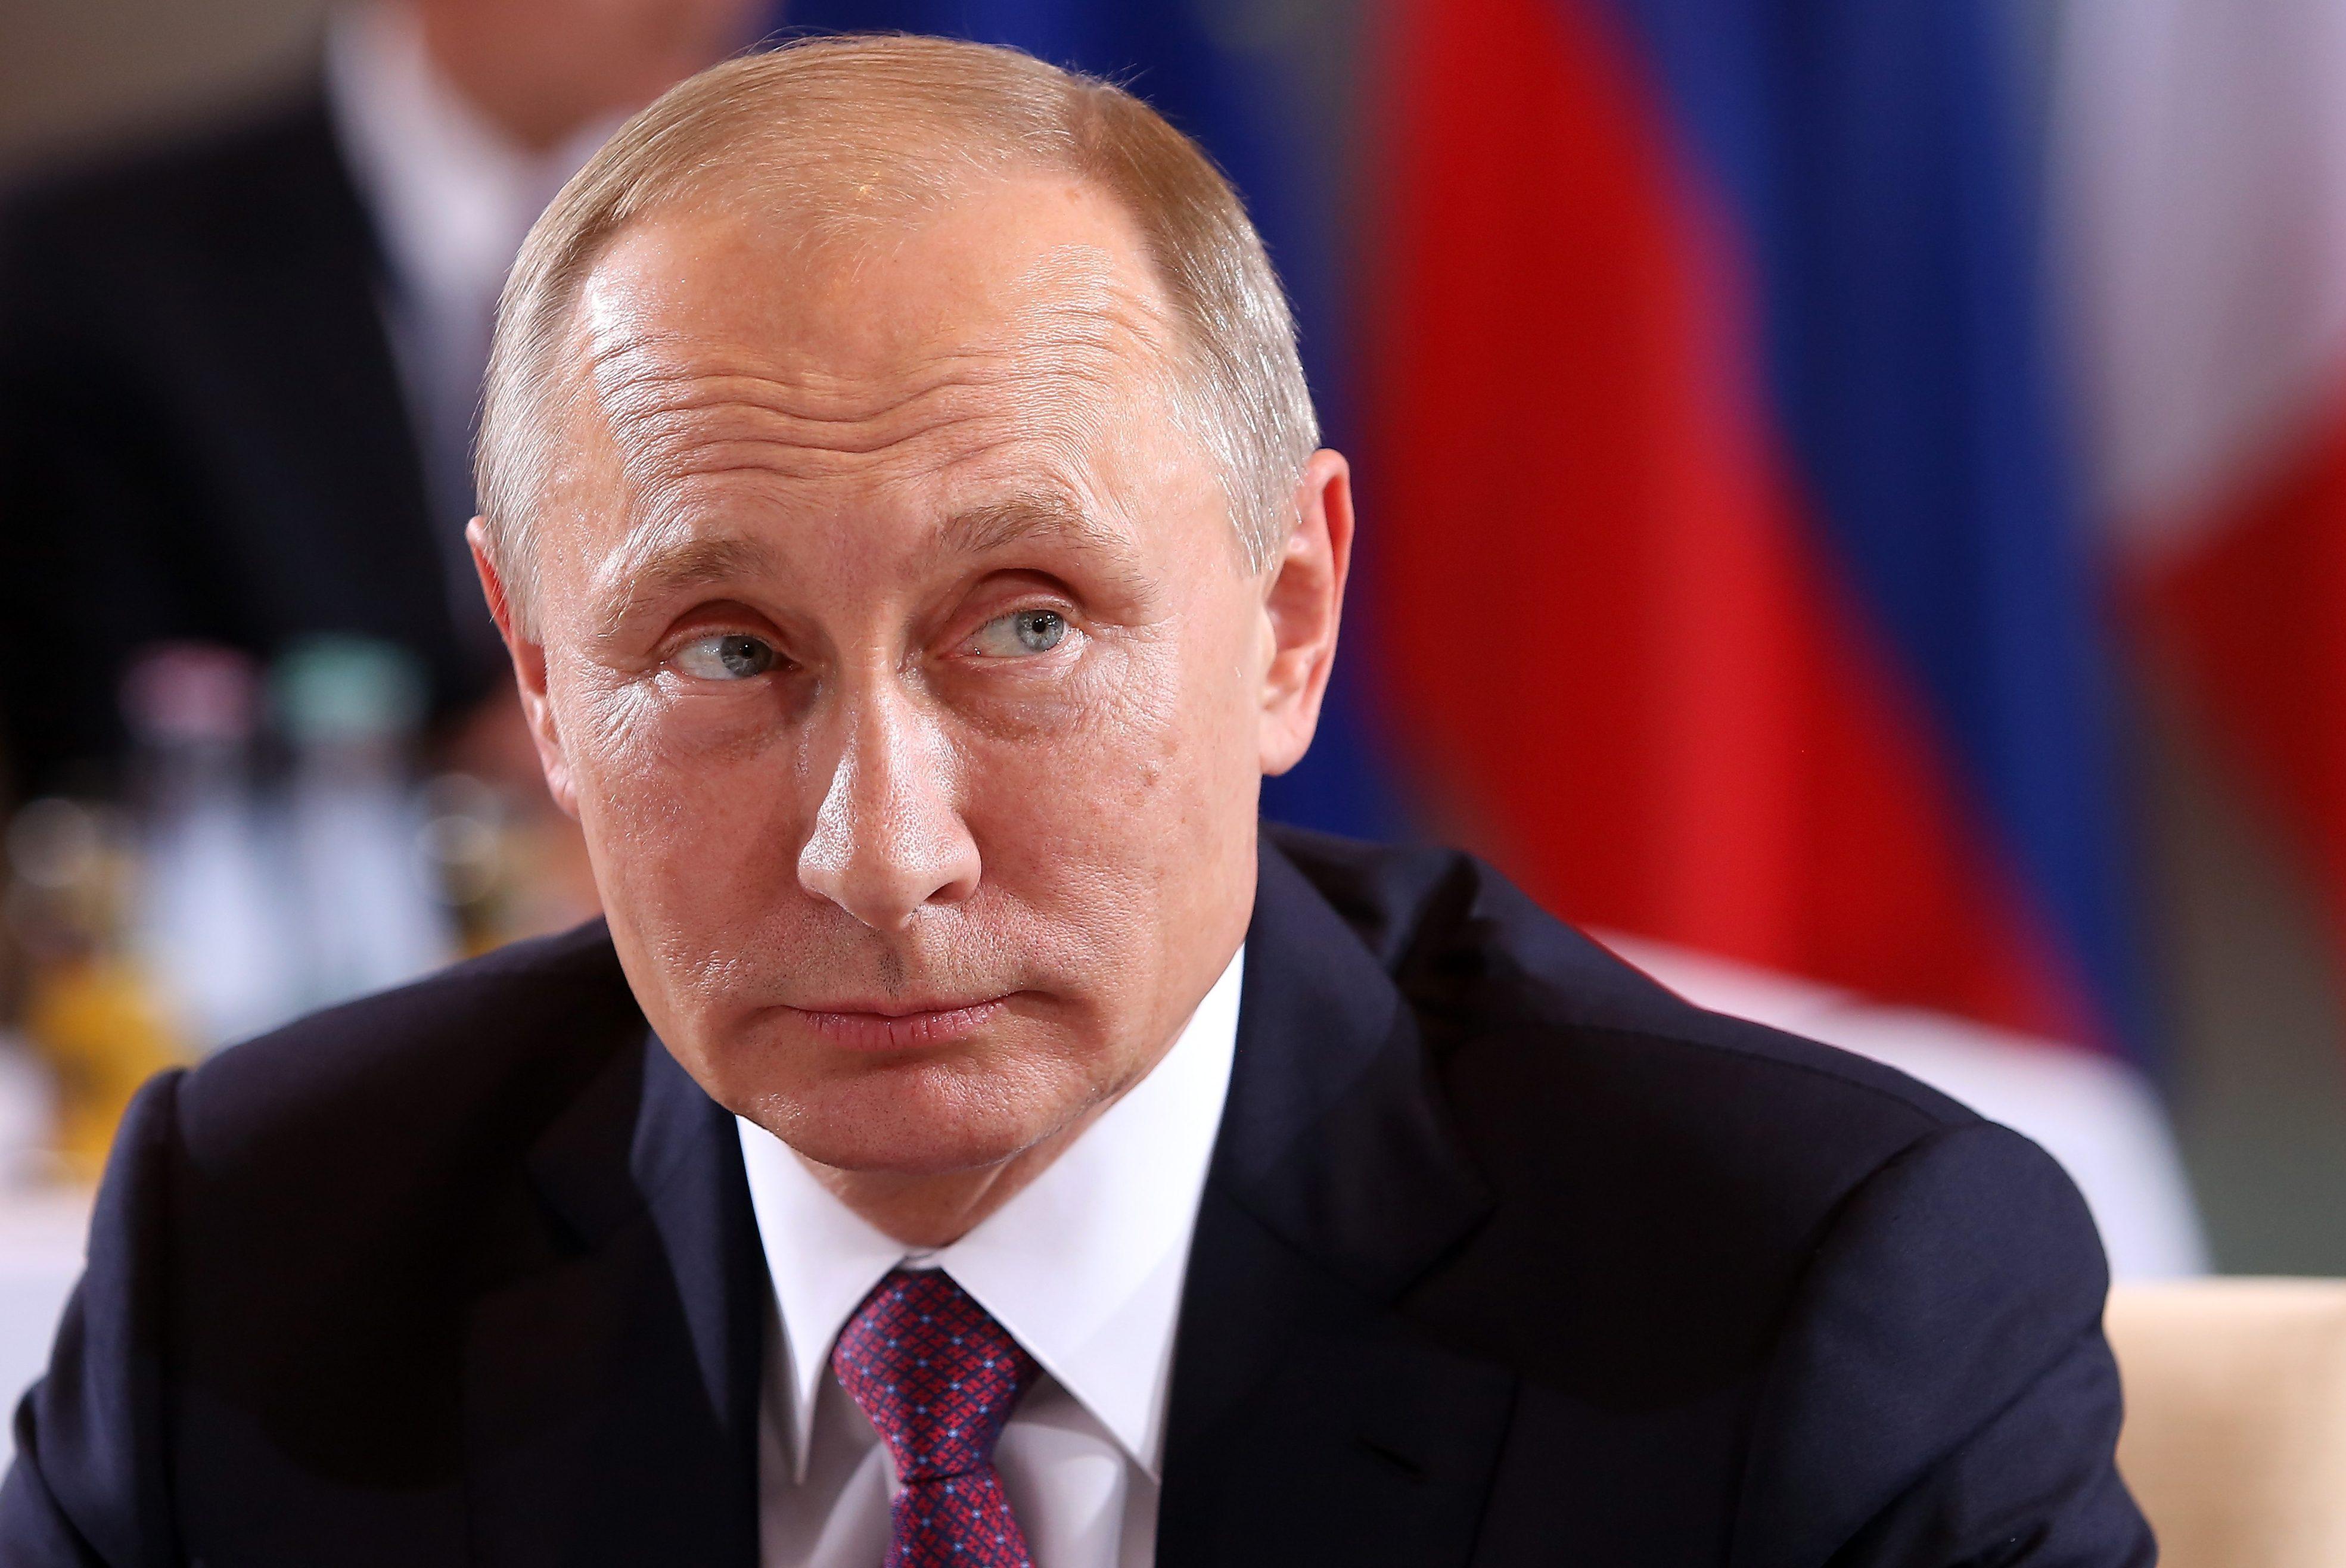 Скандал: сын генпрокурора России пытался захватить резиденцию Путина